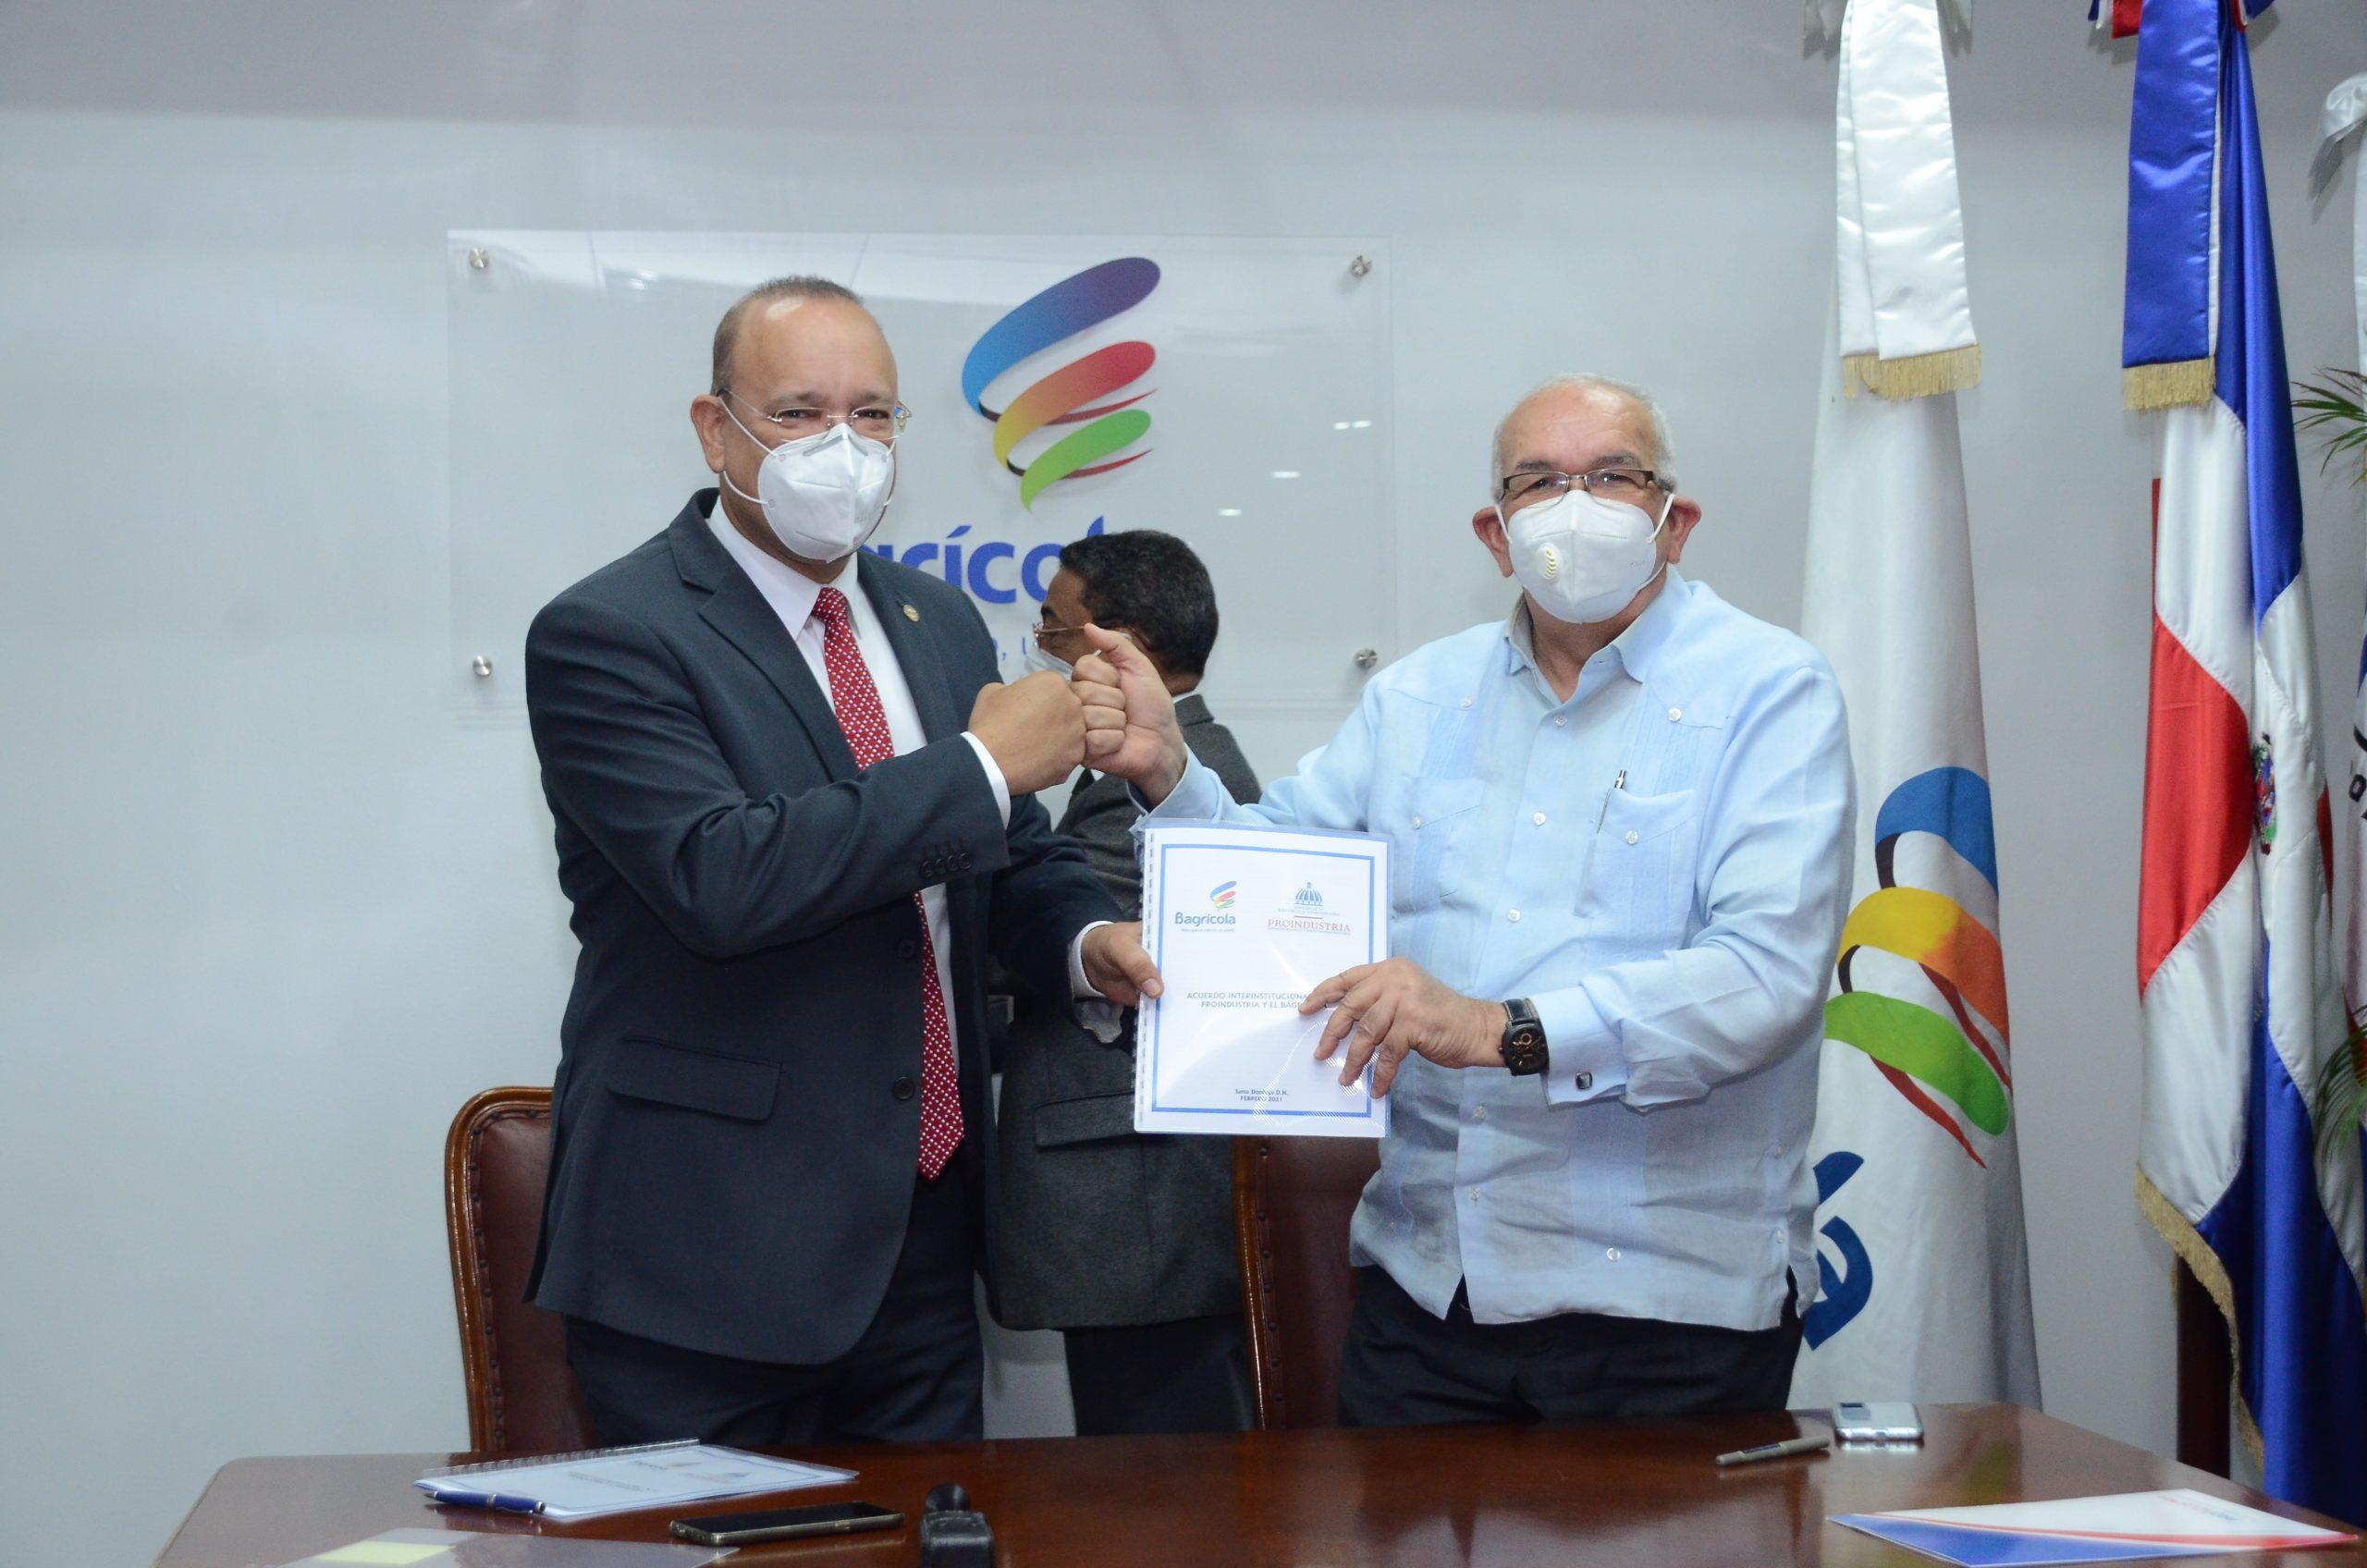 Administrador del Bagrícola,Fernando Durány el Director de Proindustria,Ulises Rodríguez,